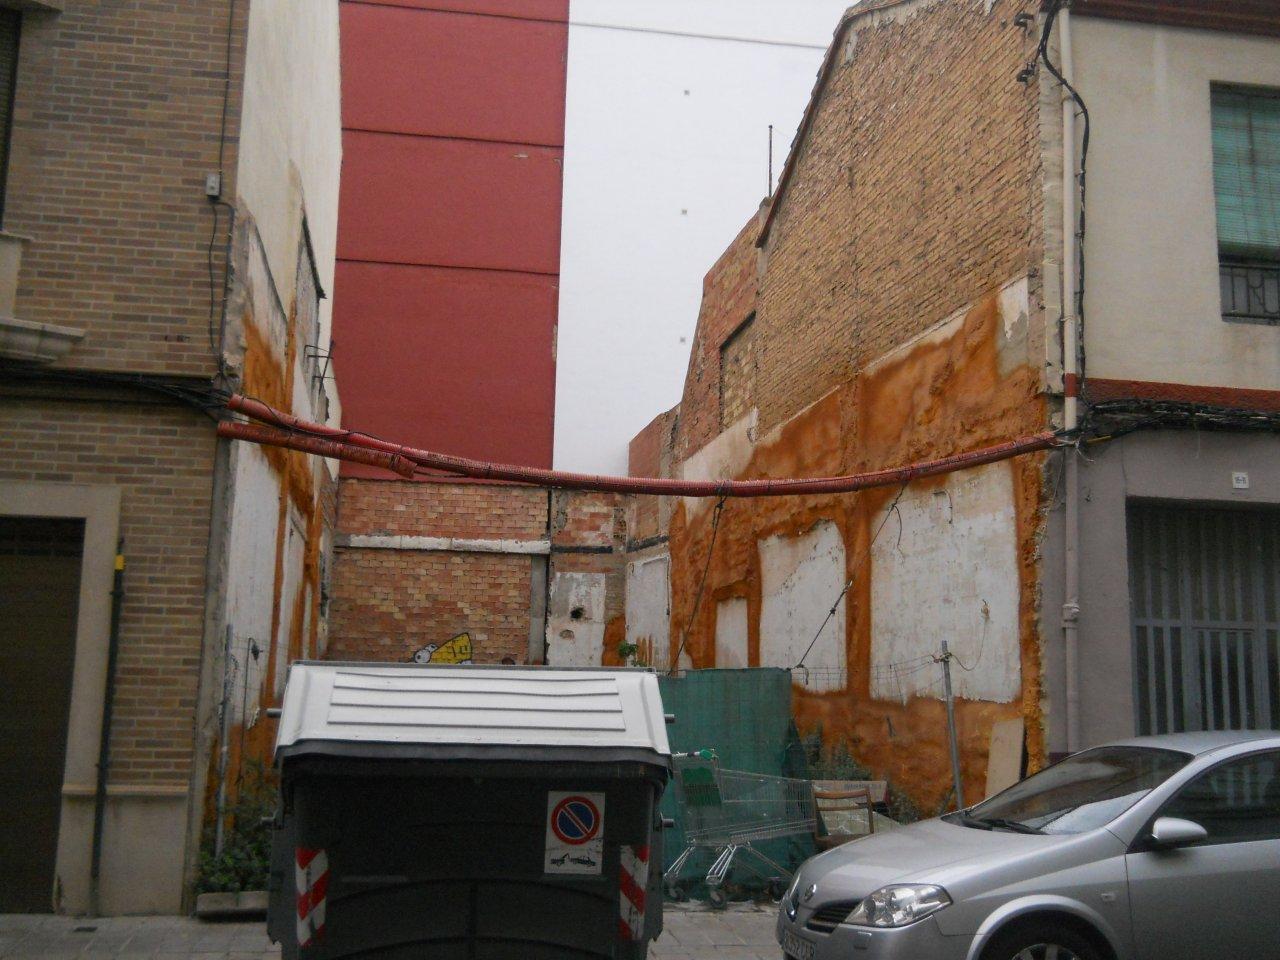 Urban plot  Calle marcelino oreja. ! ocasión de parcela urbana en venta, sin comisión, procedente d